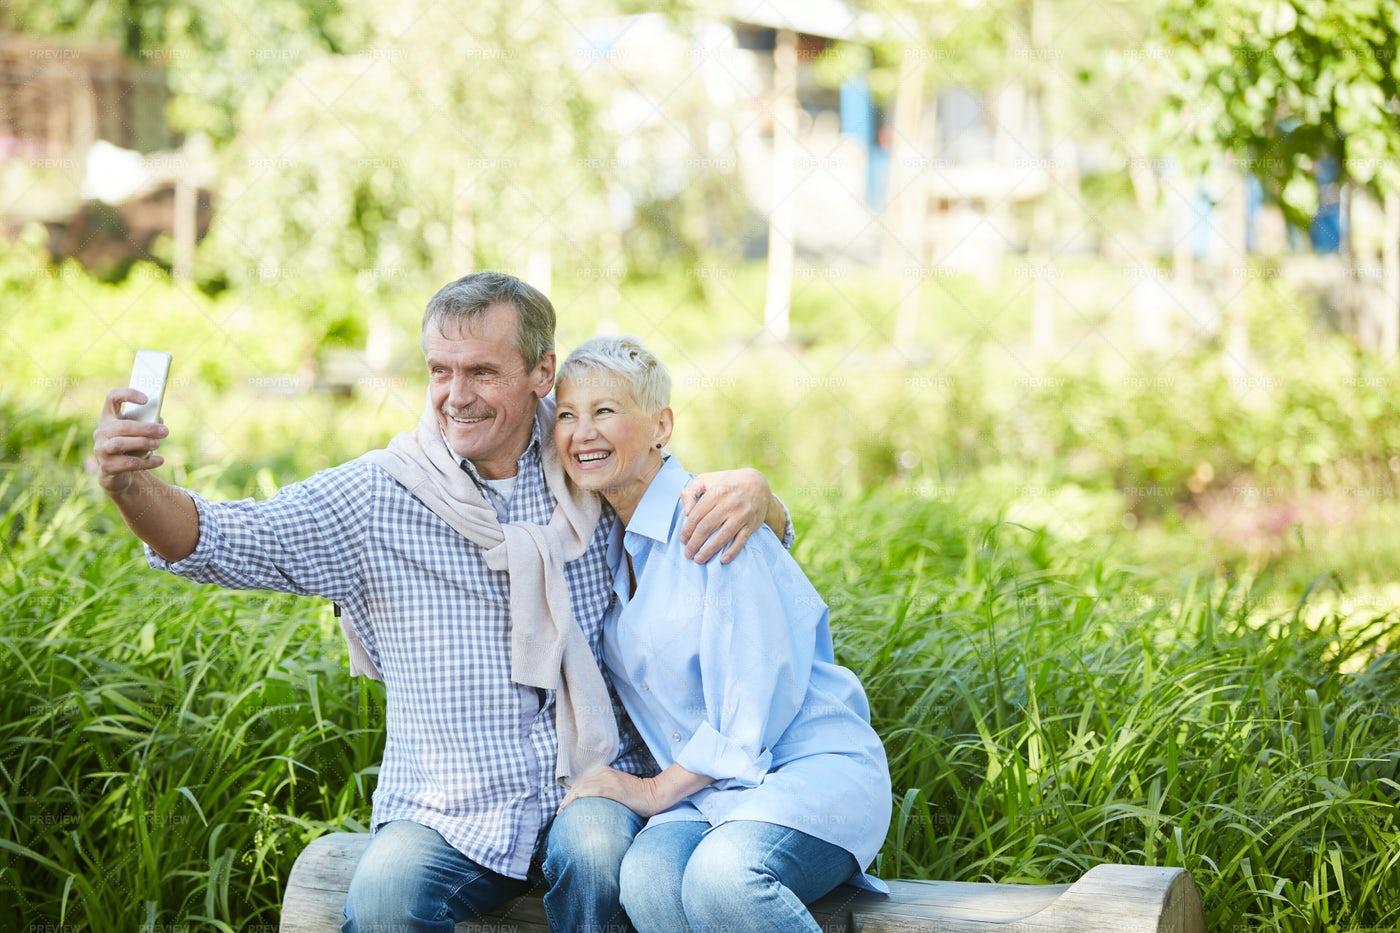 Senior Couple Taking Selfie...: Stock Photos